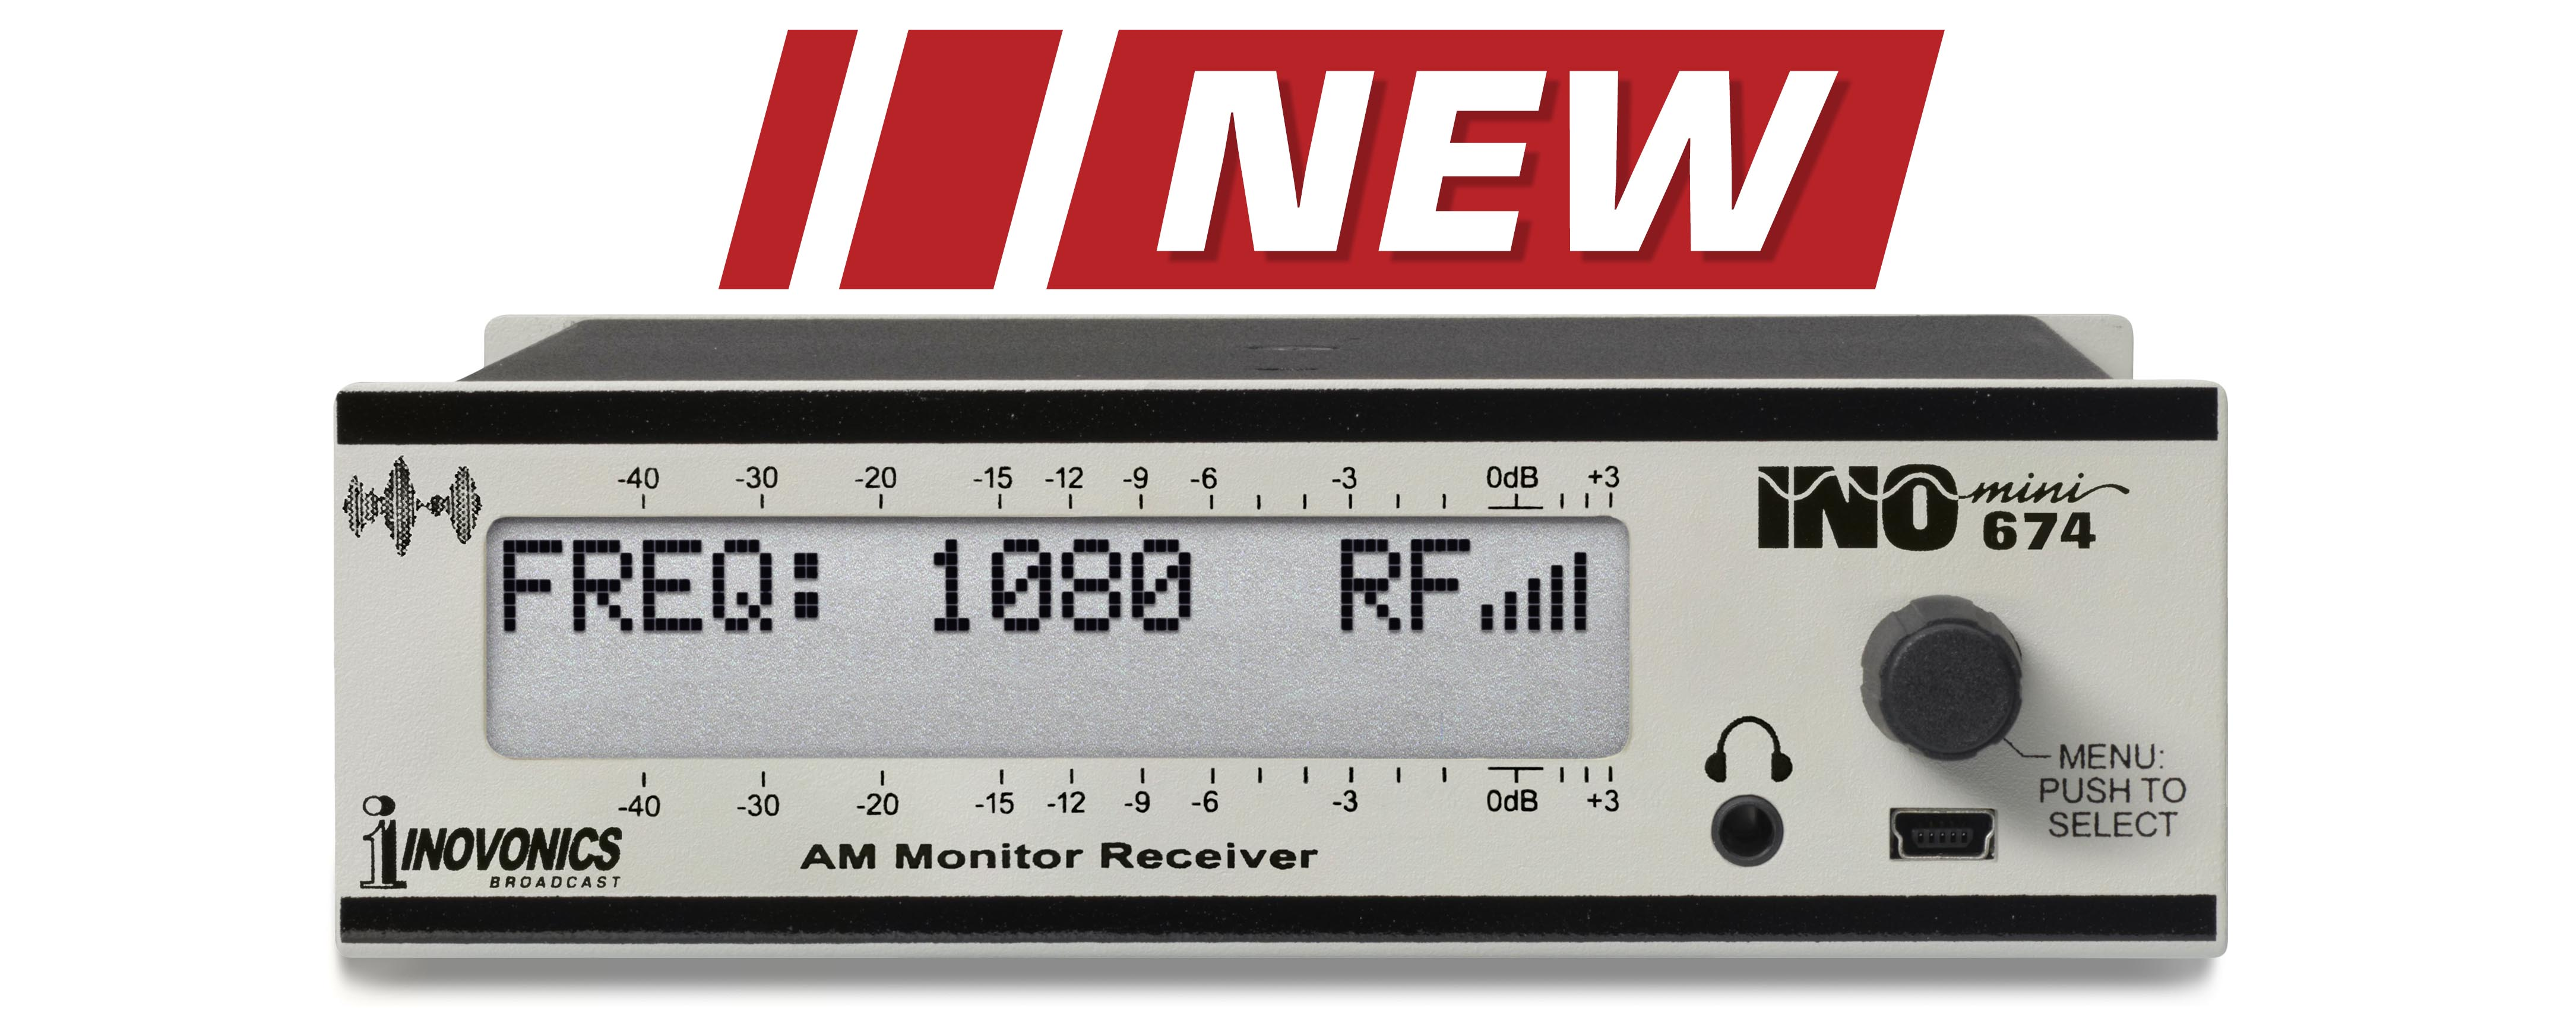 INOmini AM Broadcast Monitor/Receiver - Model 674